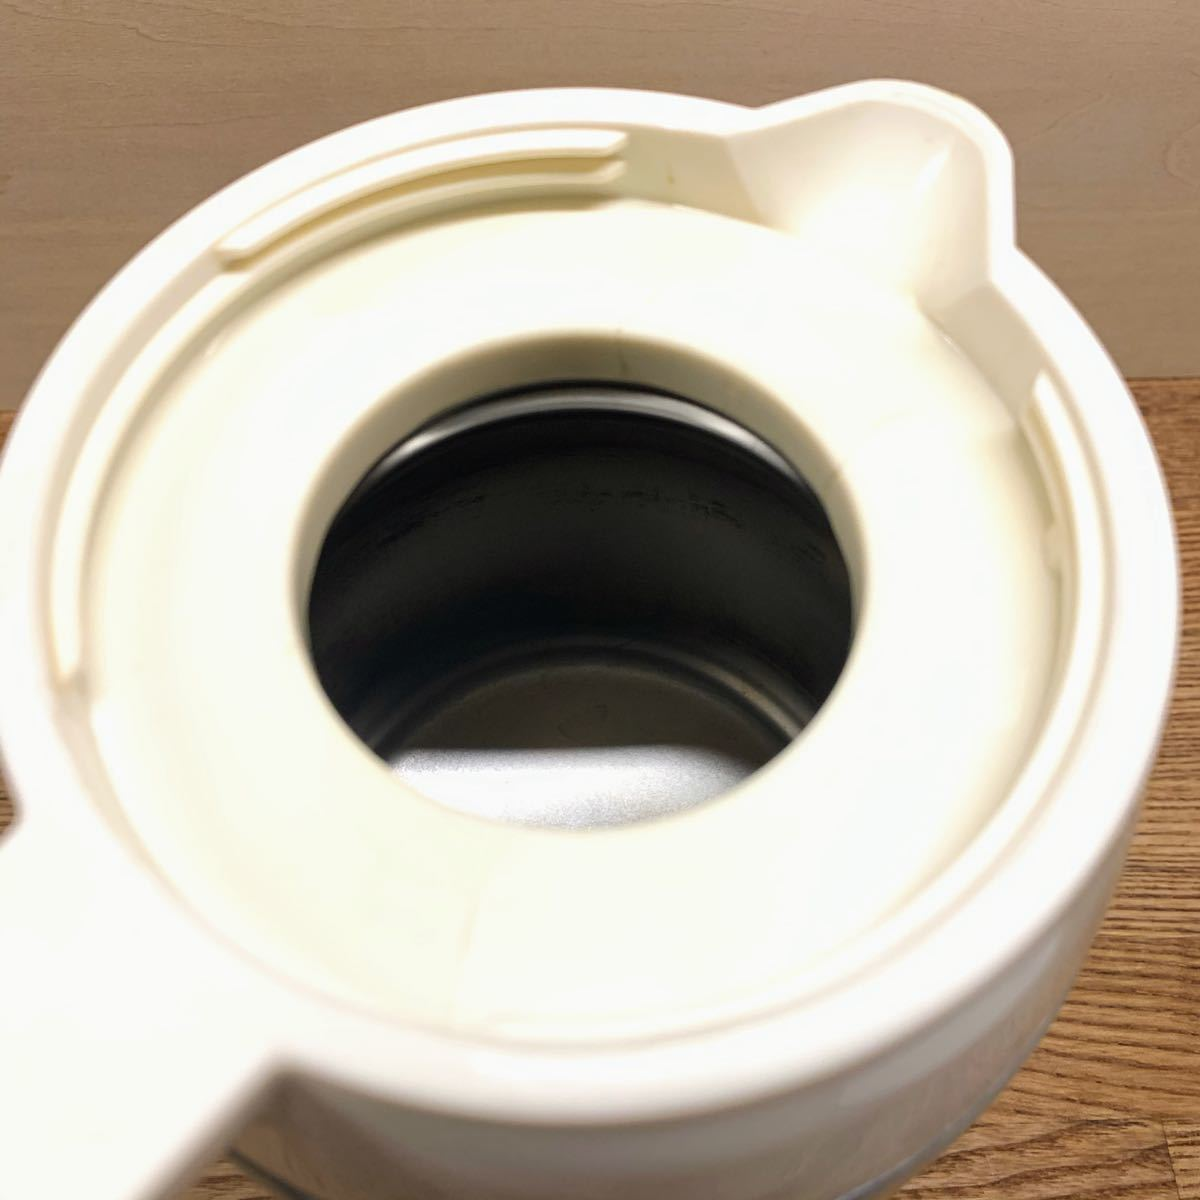 メリタ コーヒーメーカー アロマサーモ ステンレスJCM-561 (5杯用)